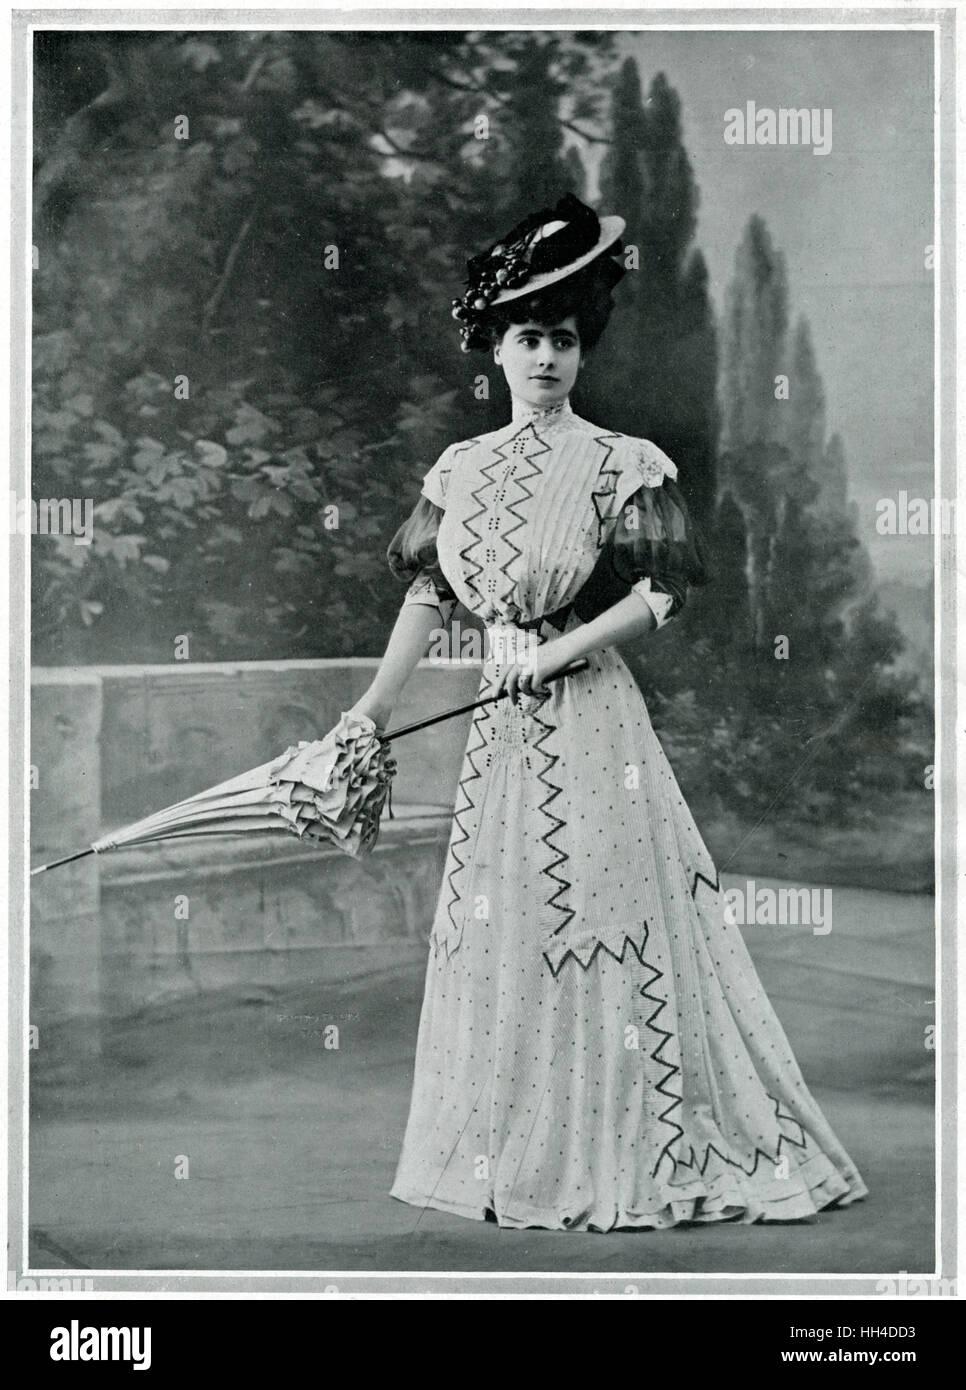 Femme portant un parisien étroit blanc simple avec zephyr rayé noir et blanc. La coupe de l'habit Photo Stock